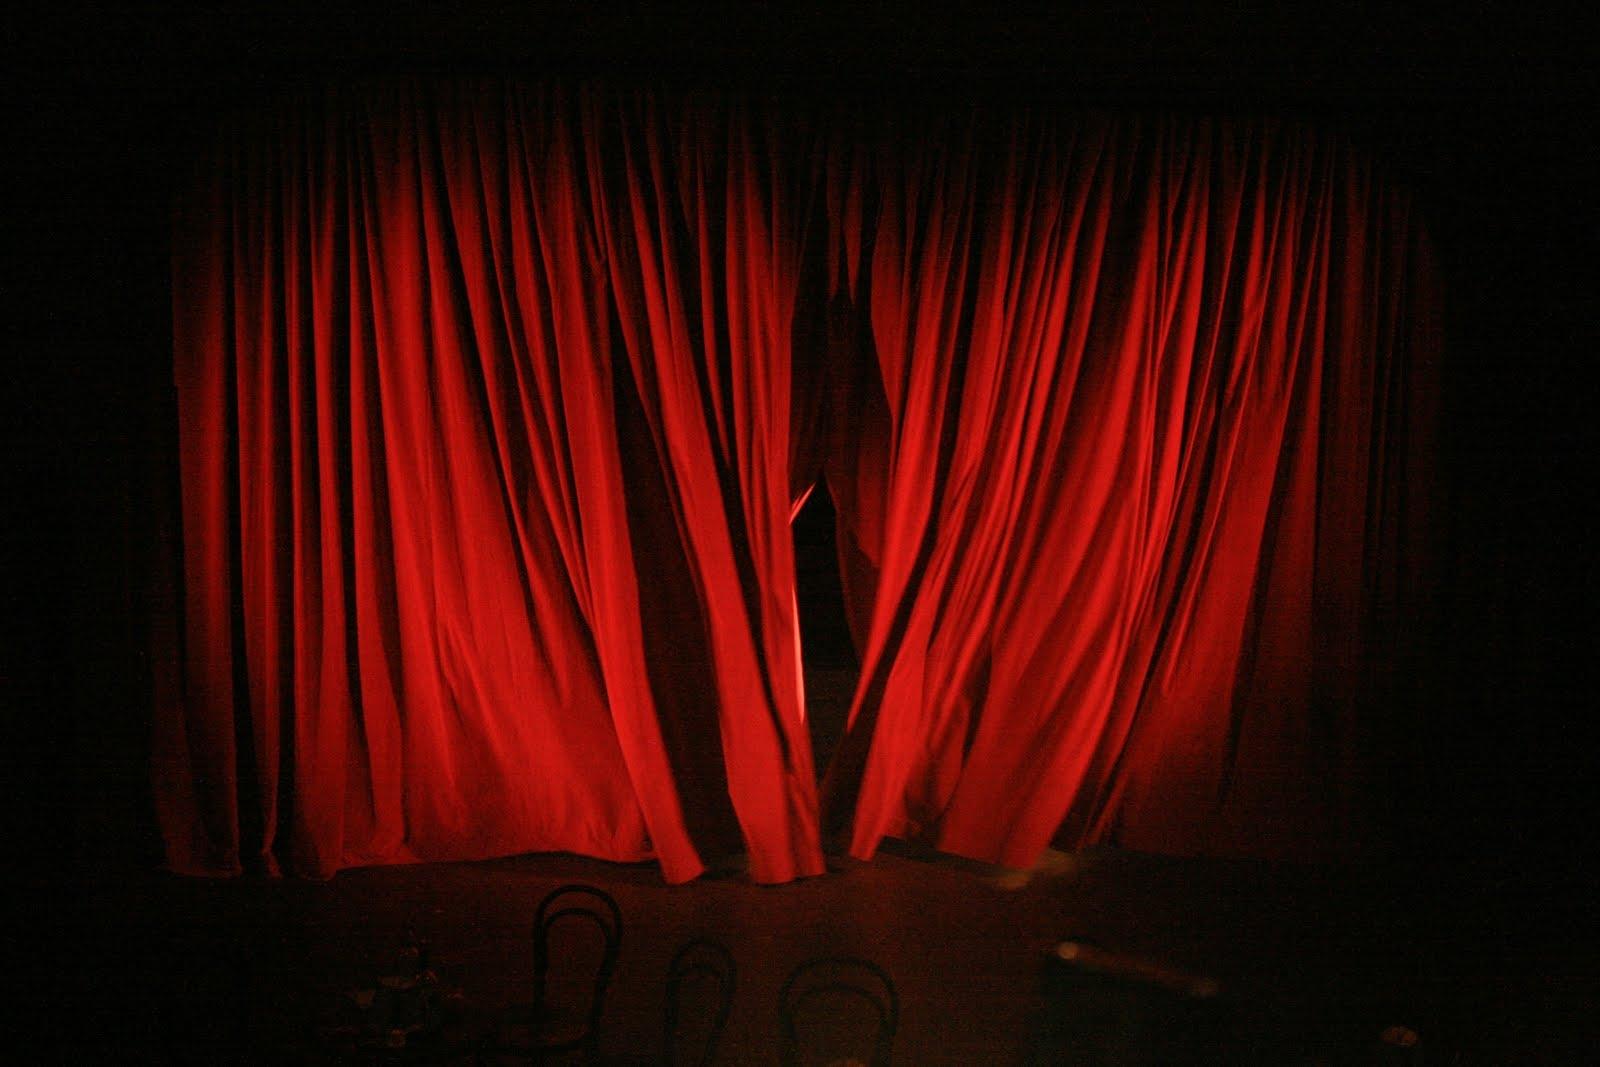 23 Red Velvet Curtains Drapes Velvet Theater Absolute Blackout Pertaining To Dark Red Velvet Curtains (Image 1 of 15)